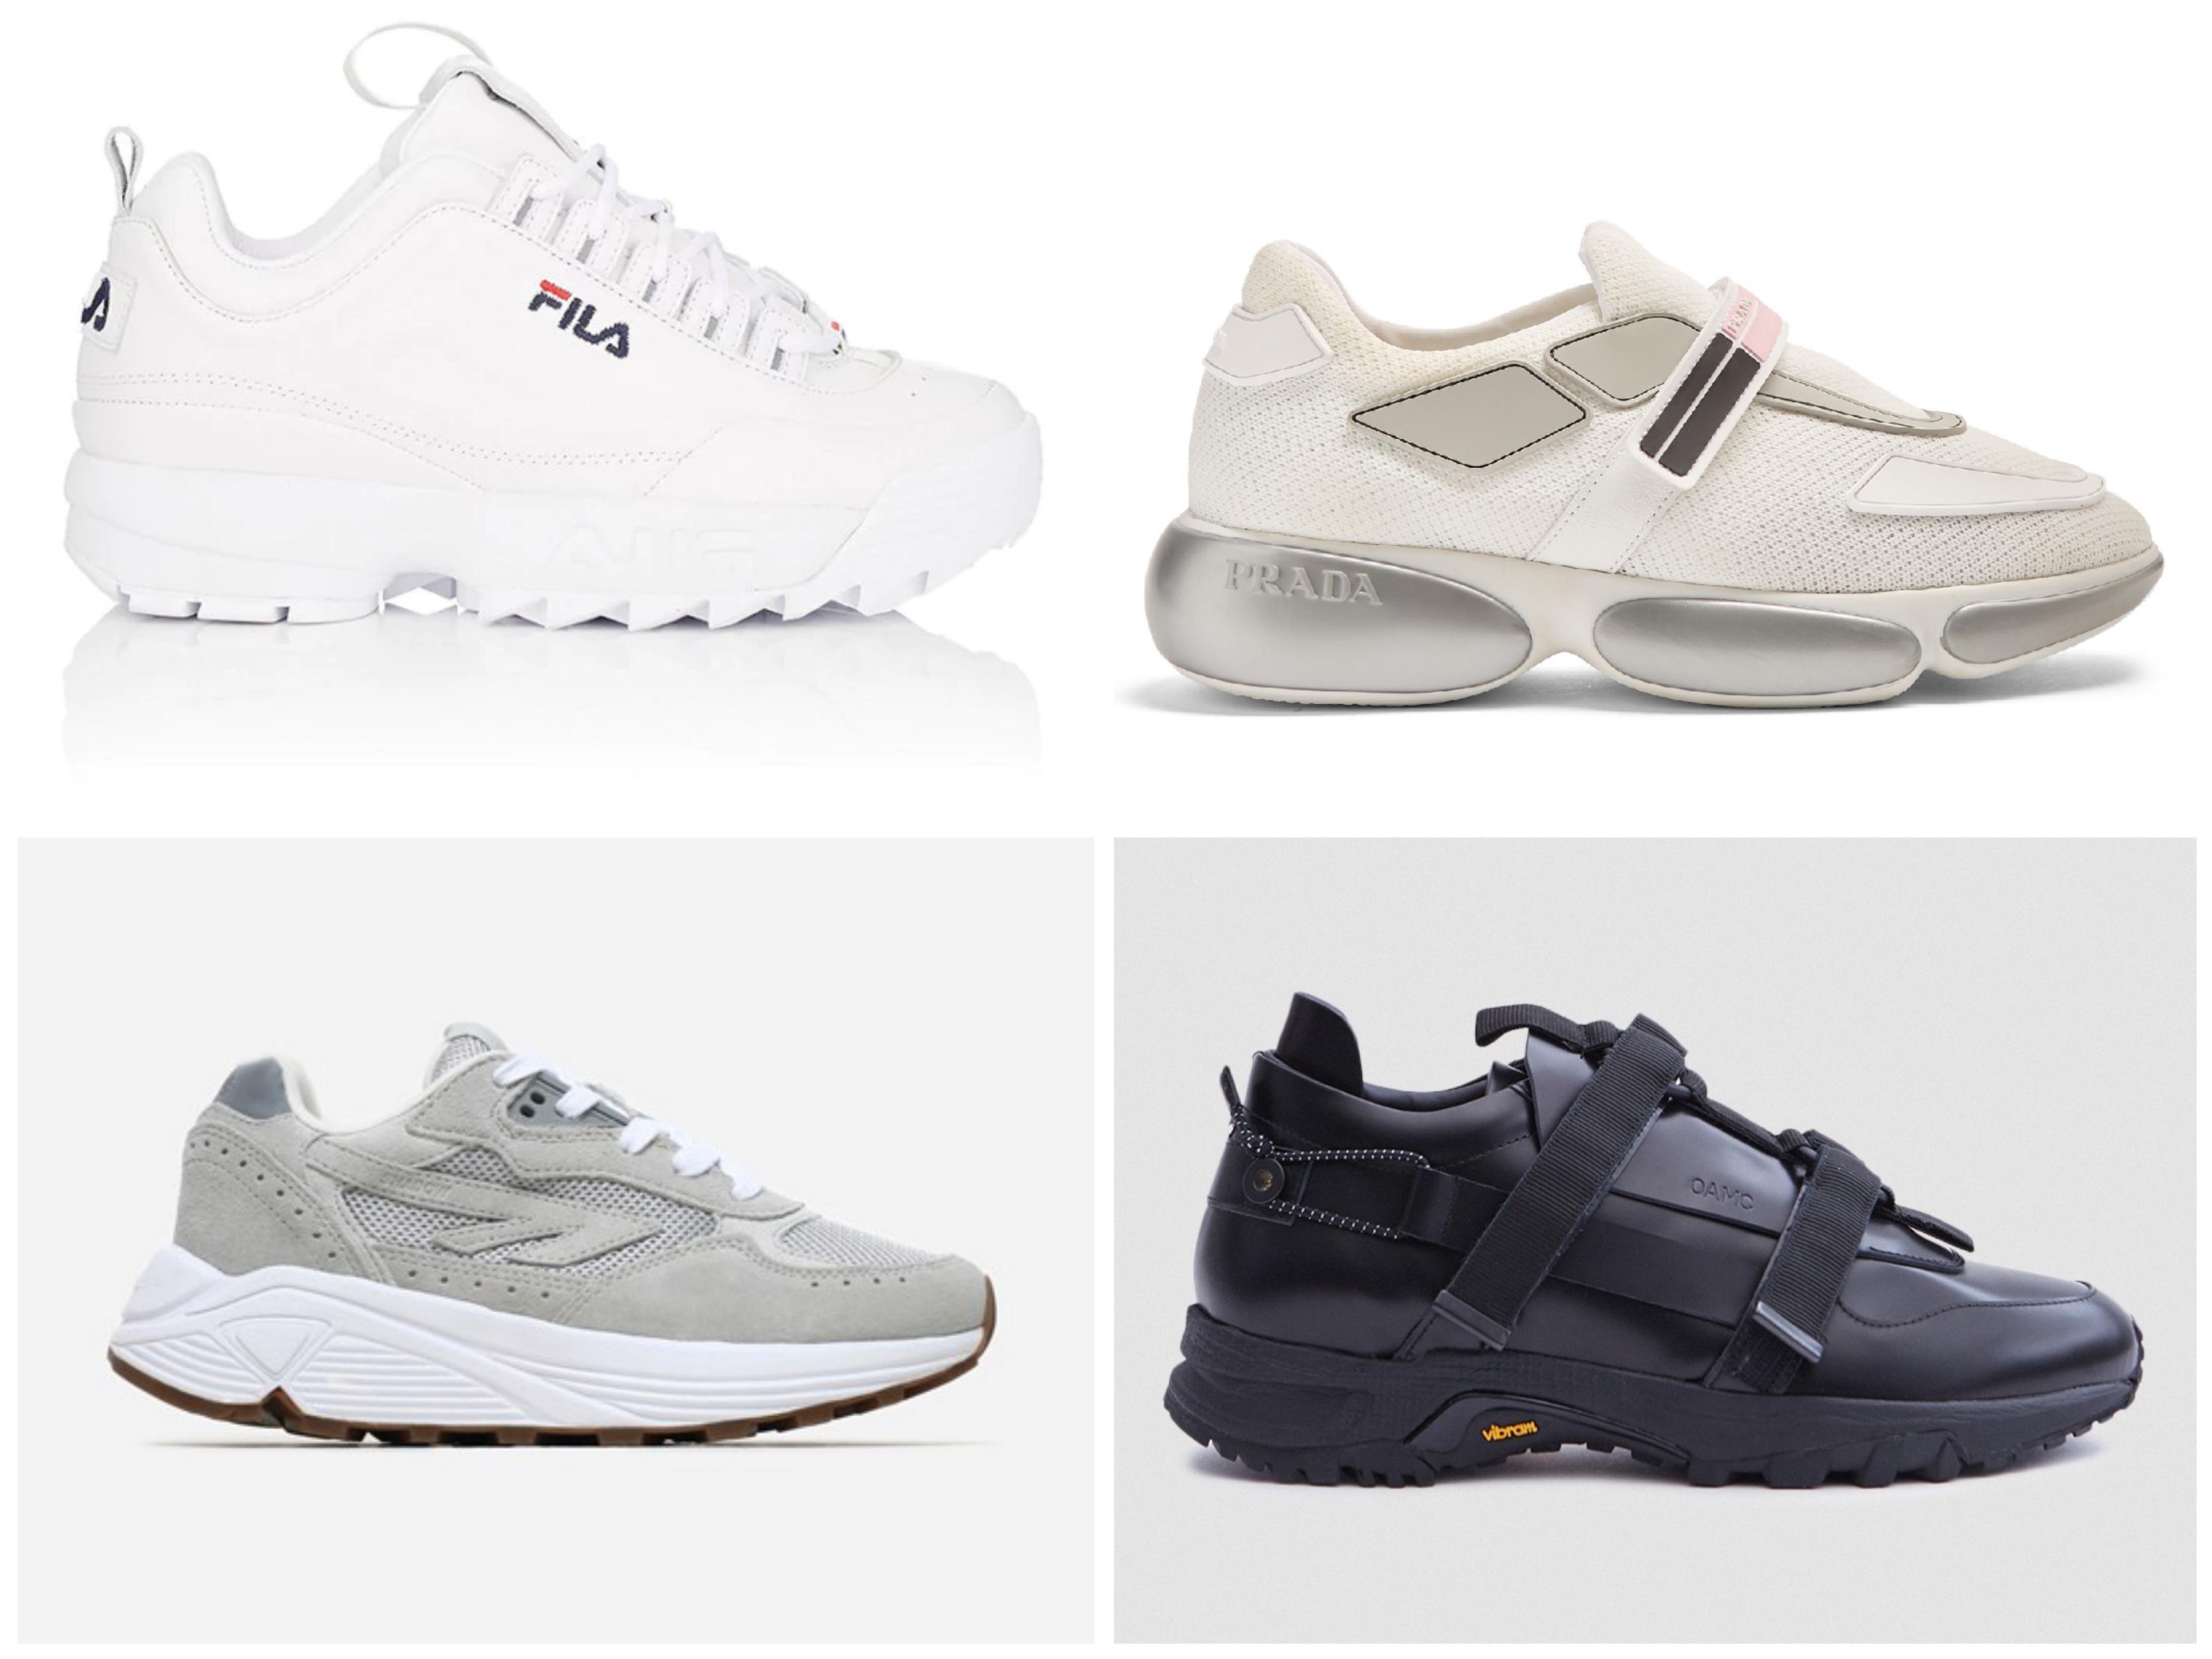 M&Hs toppliste: Klumpete sneakers Melk & Honning